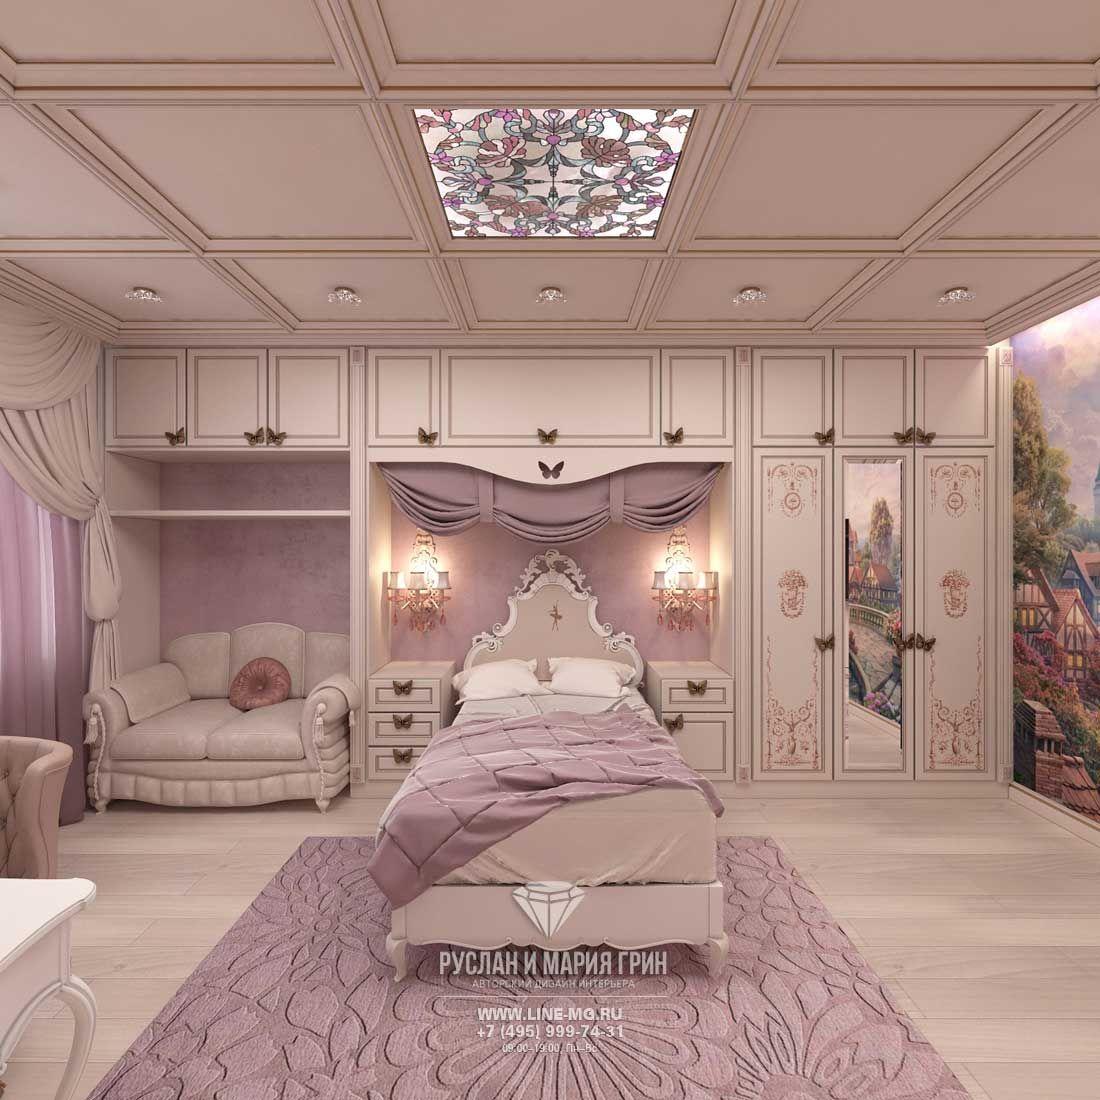 Фото интерьера детской комнаты   Мадина в 2019 г.   Идеи ...